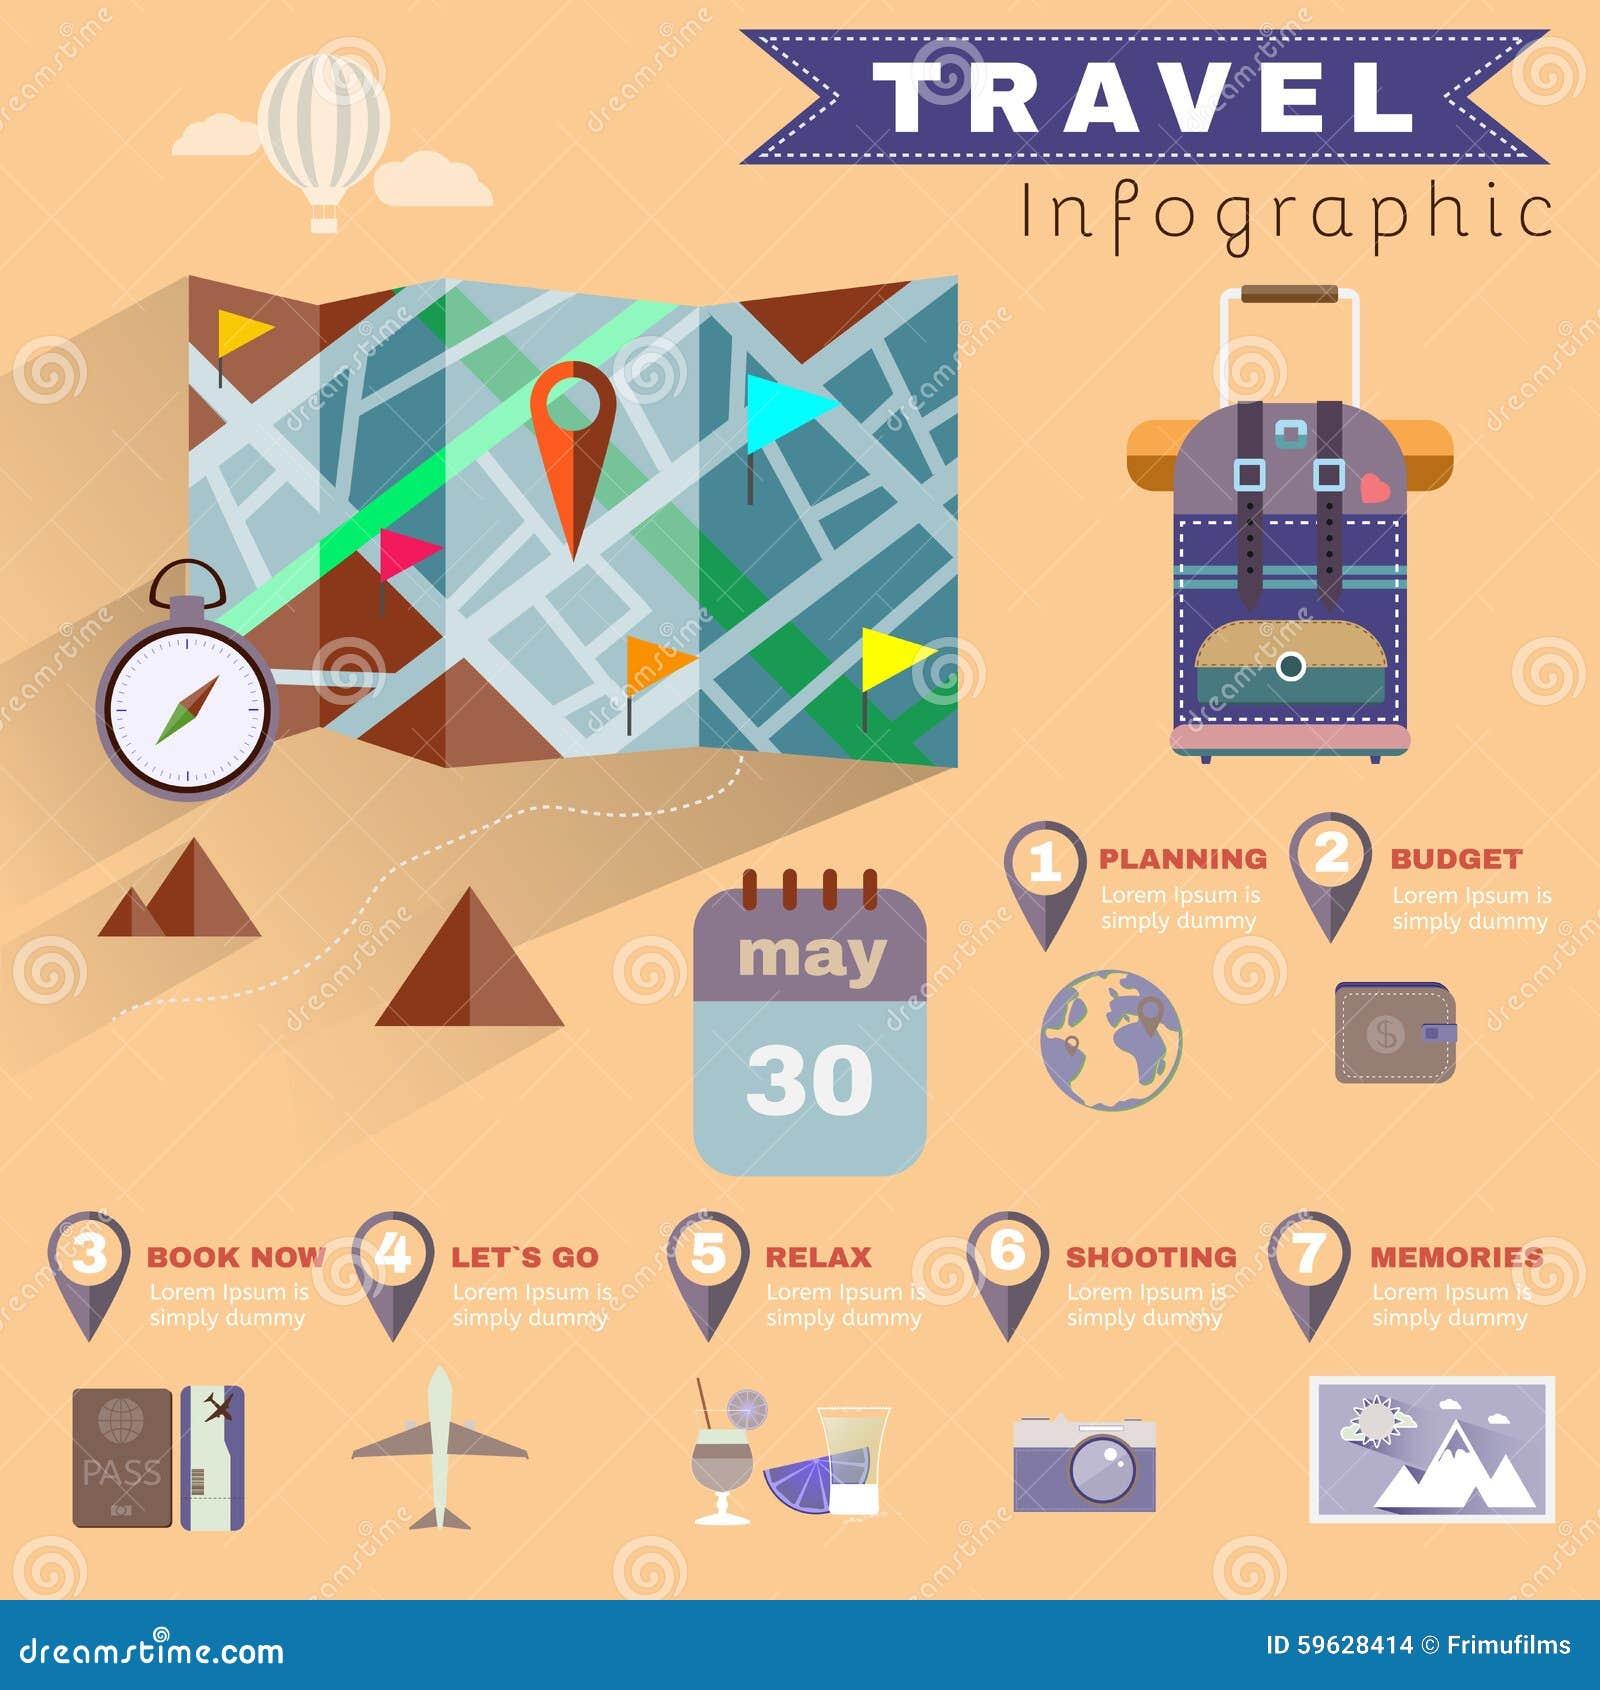 Air Travel Trip Planner